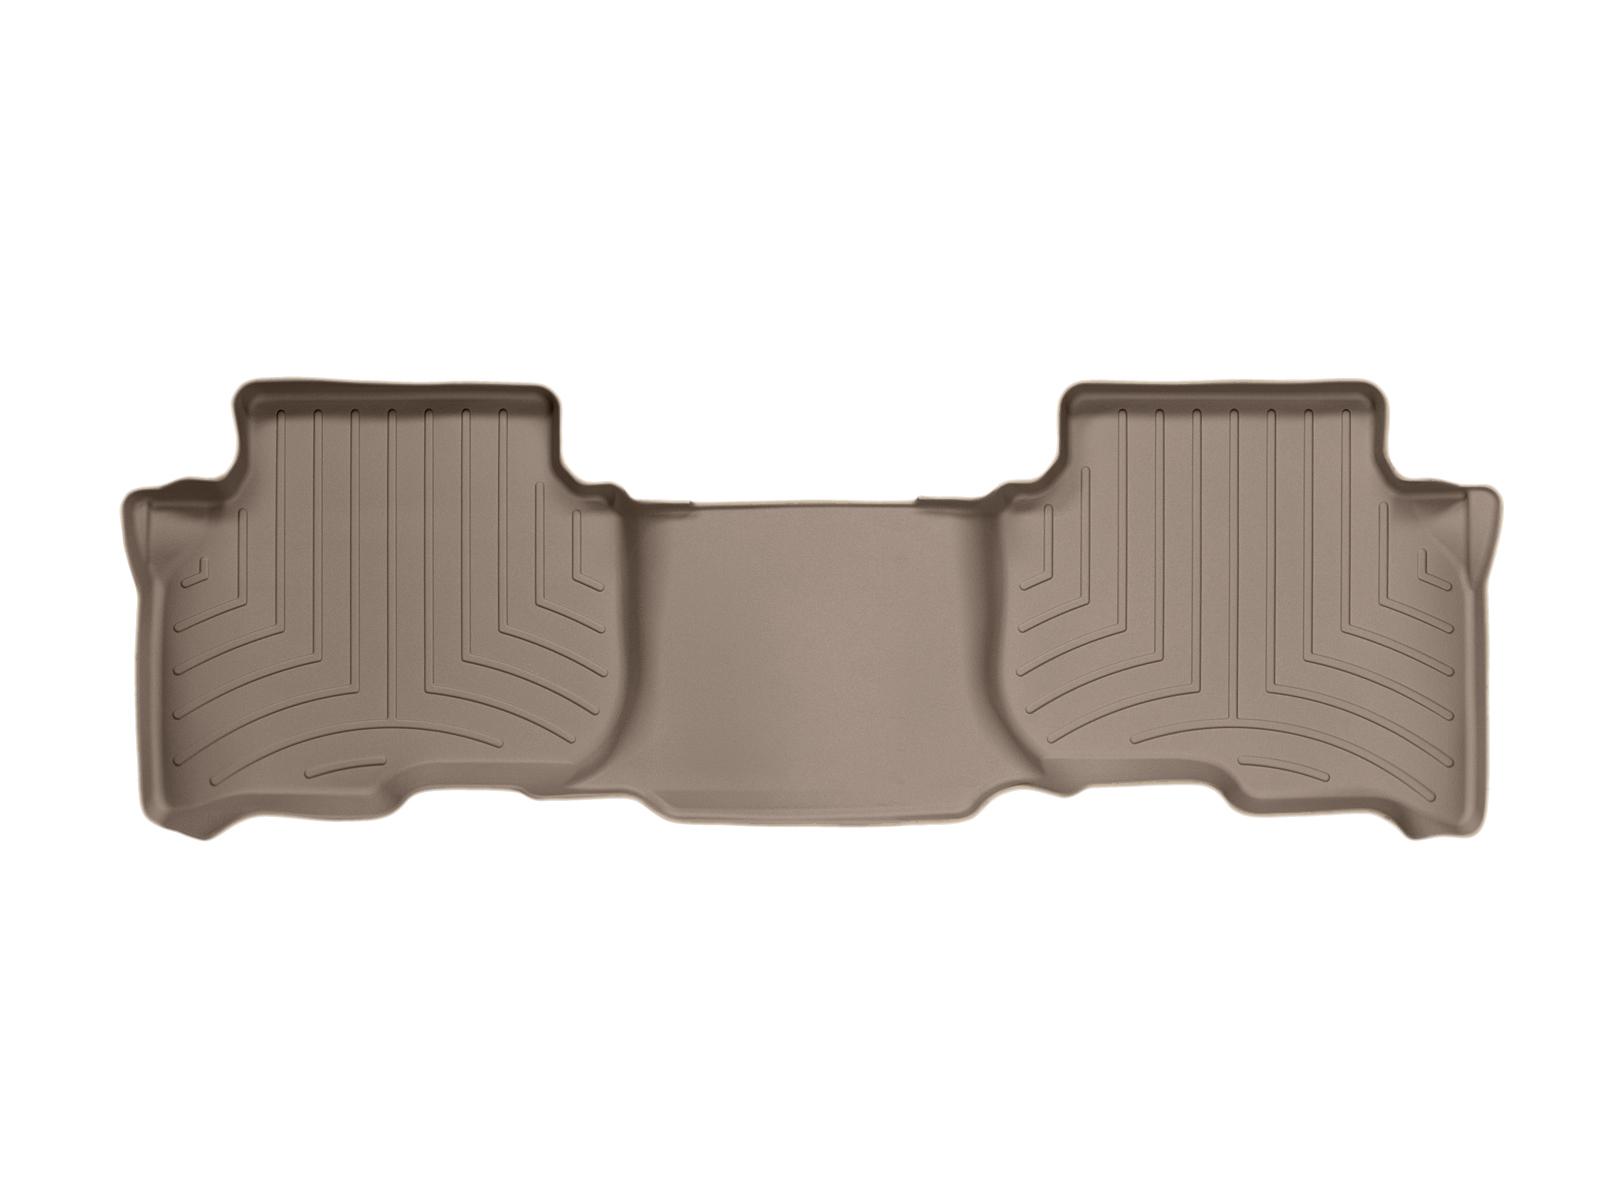 Tappeti gomma su misura bordo alto Land Rover 04>09 Marrone A1909*